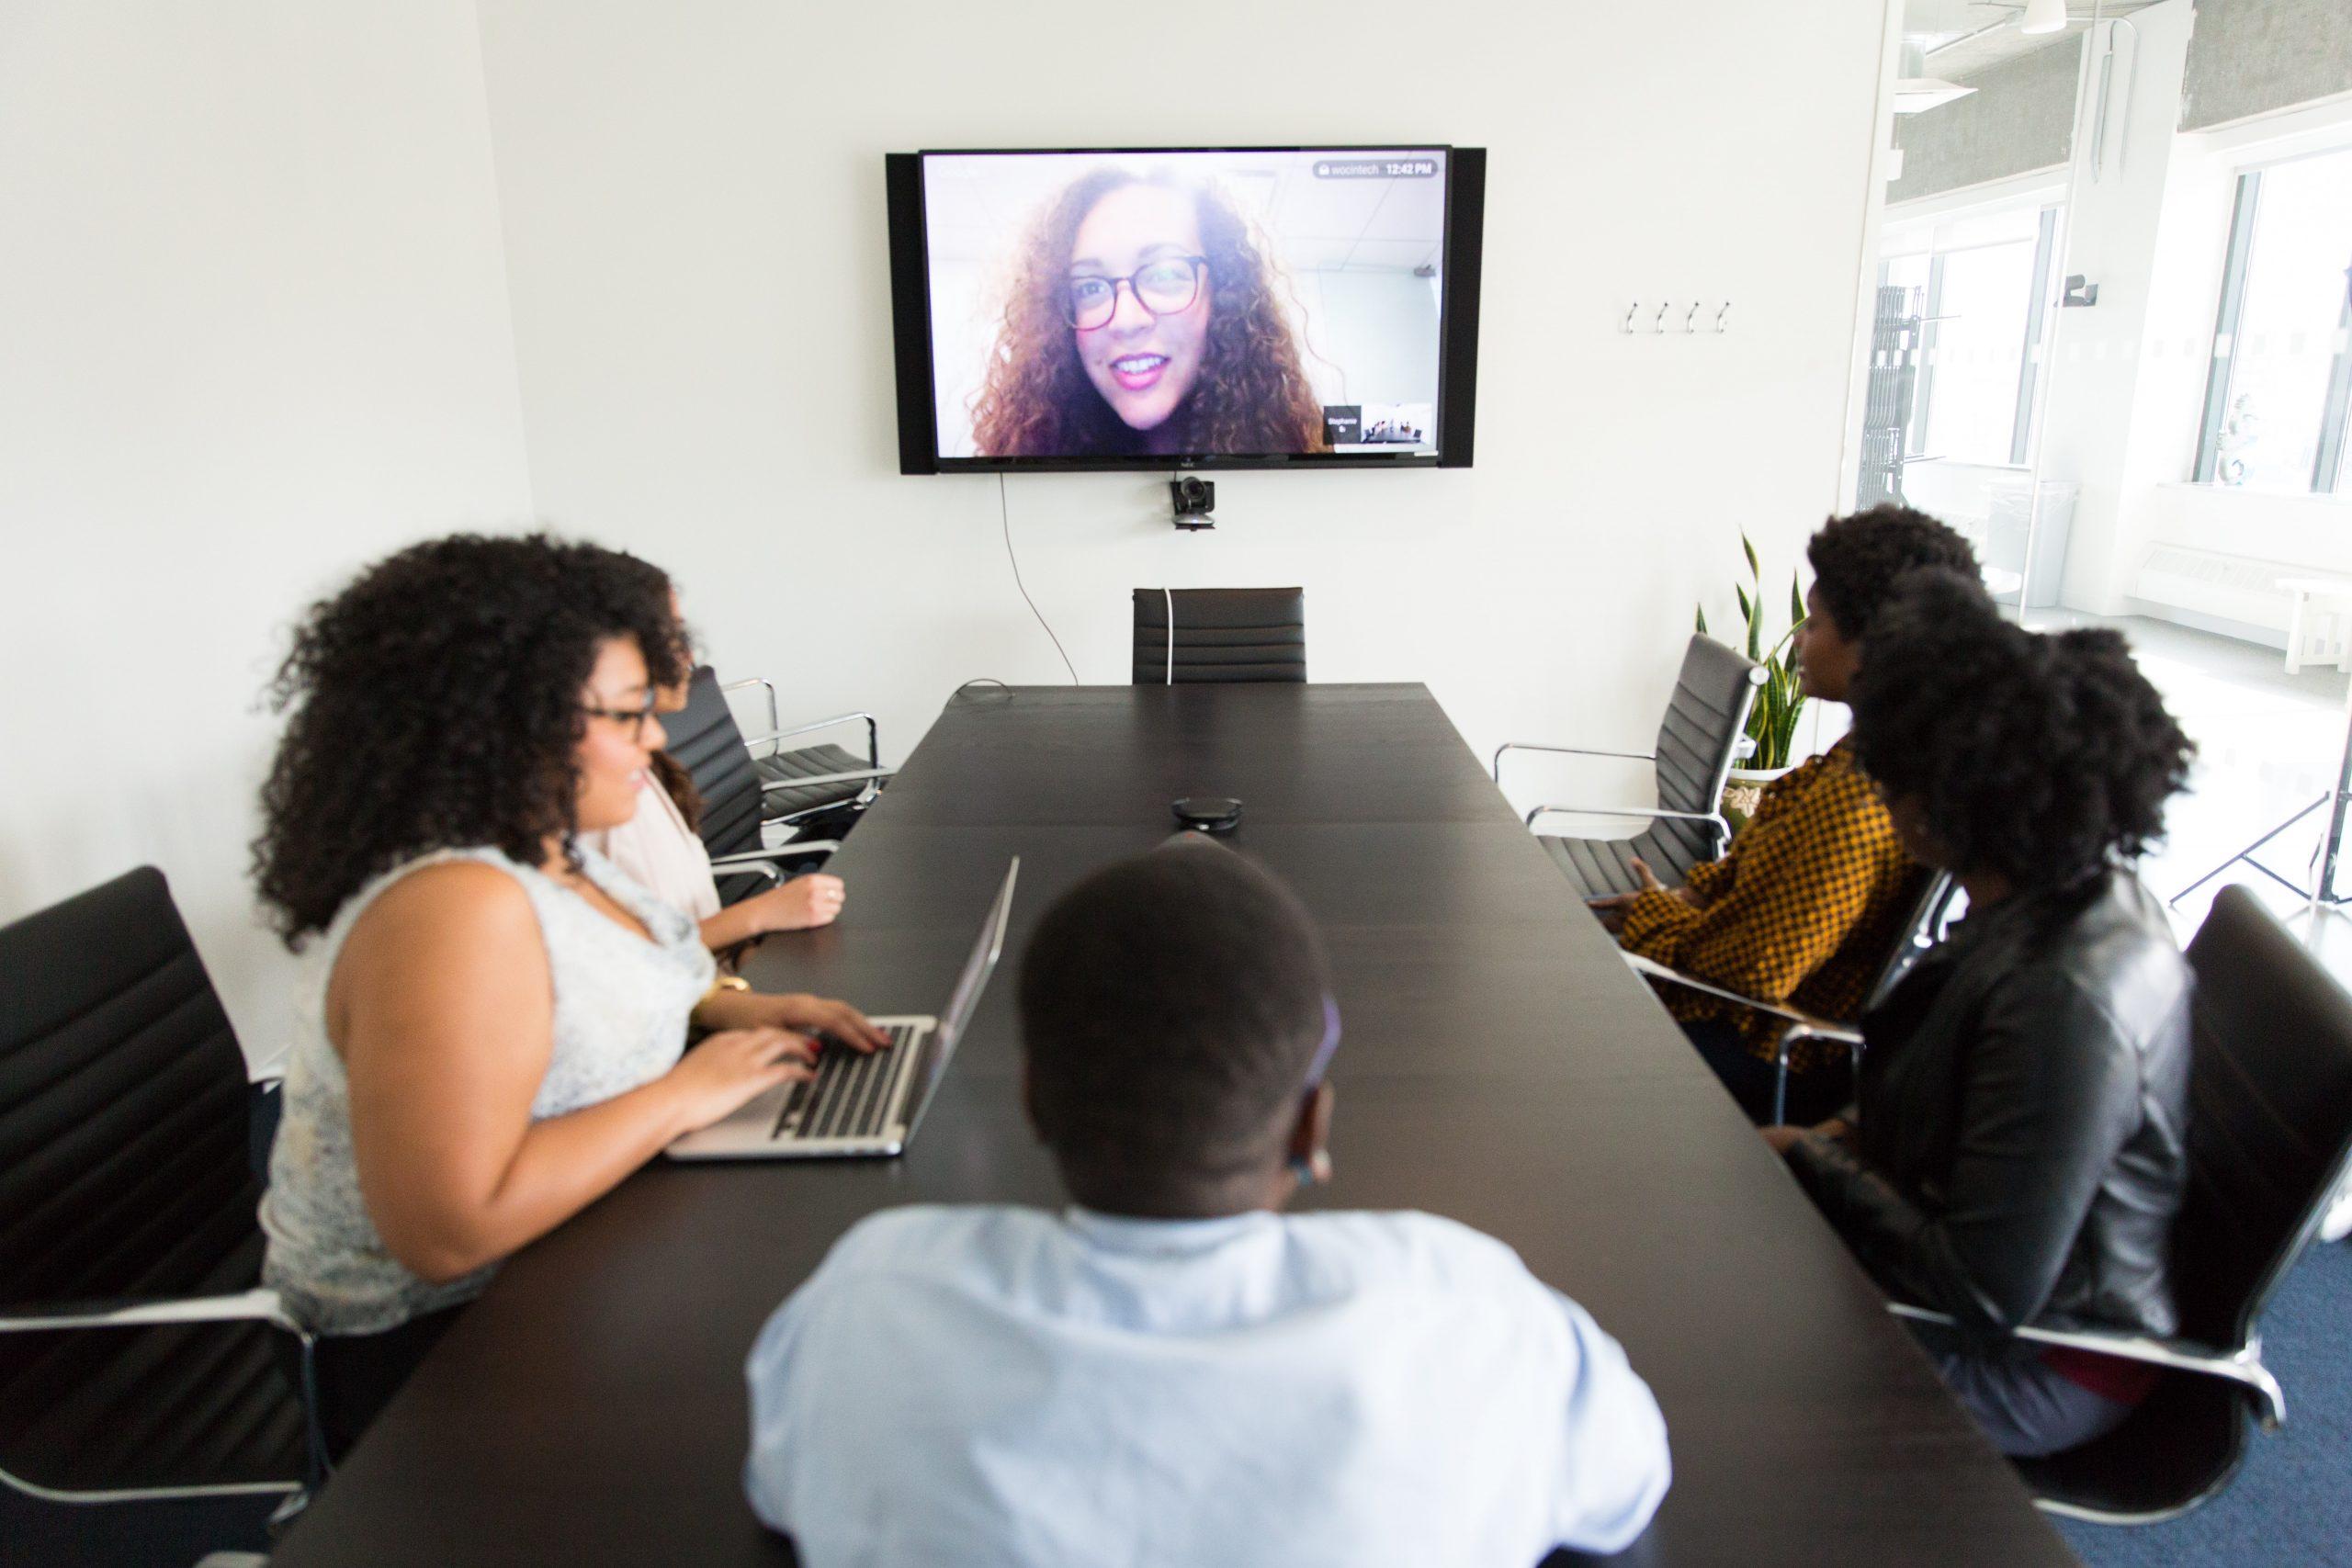 Vorstellungsgespräch per Video: Tipps für eine erfolgreiche Präsentation